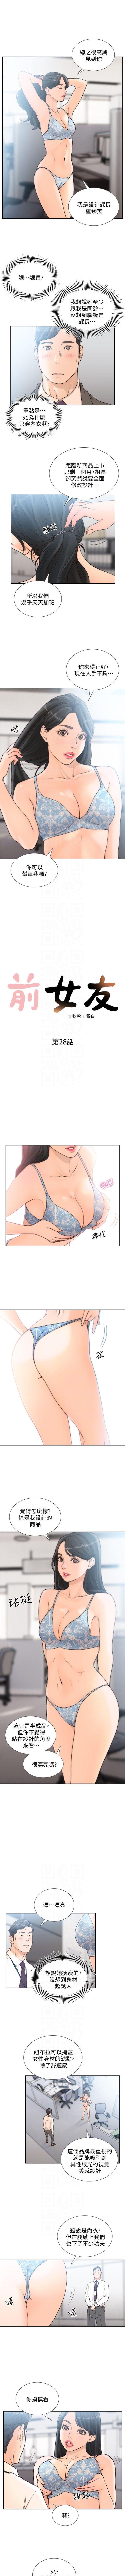 前女友 1-48 中文翻译(更新中) 144